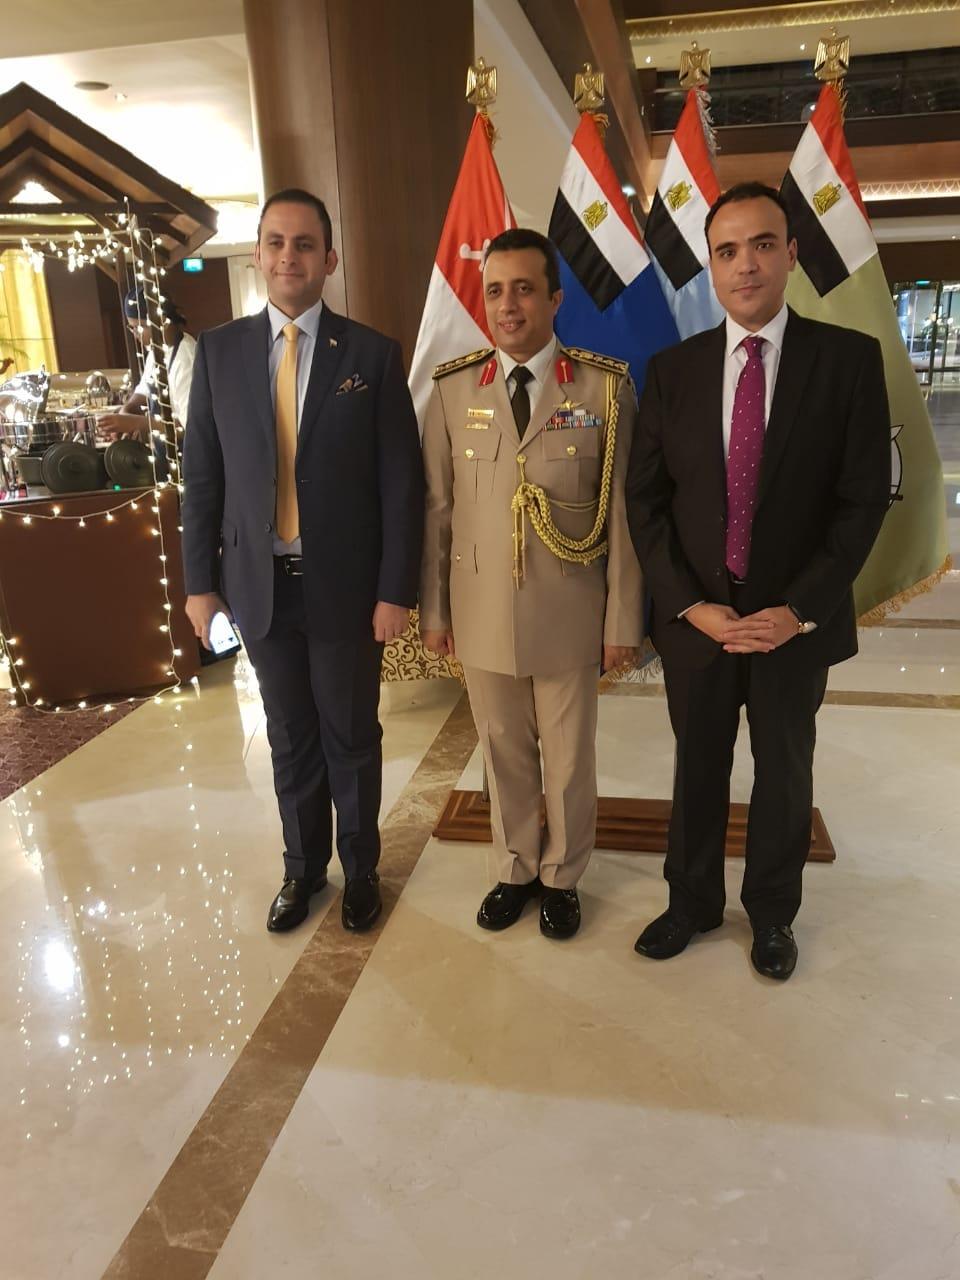 f8481c086 أخر كلام | مكتب الدفاع المصري بأبو ظبي يحتفي بذكري انتصارات أكتوبر